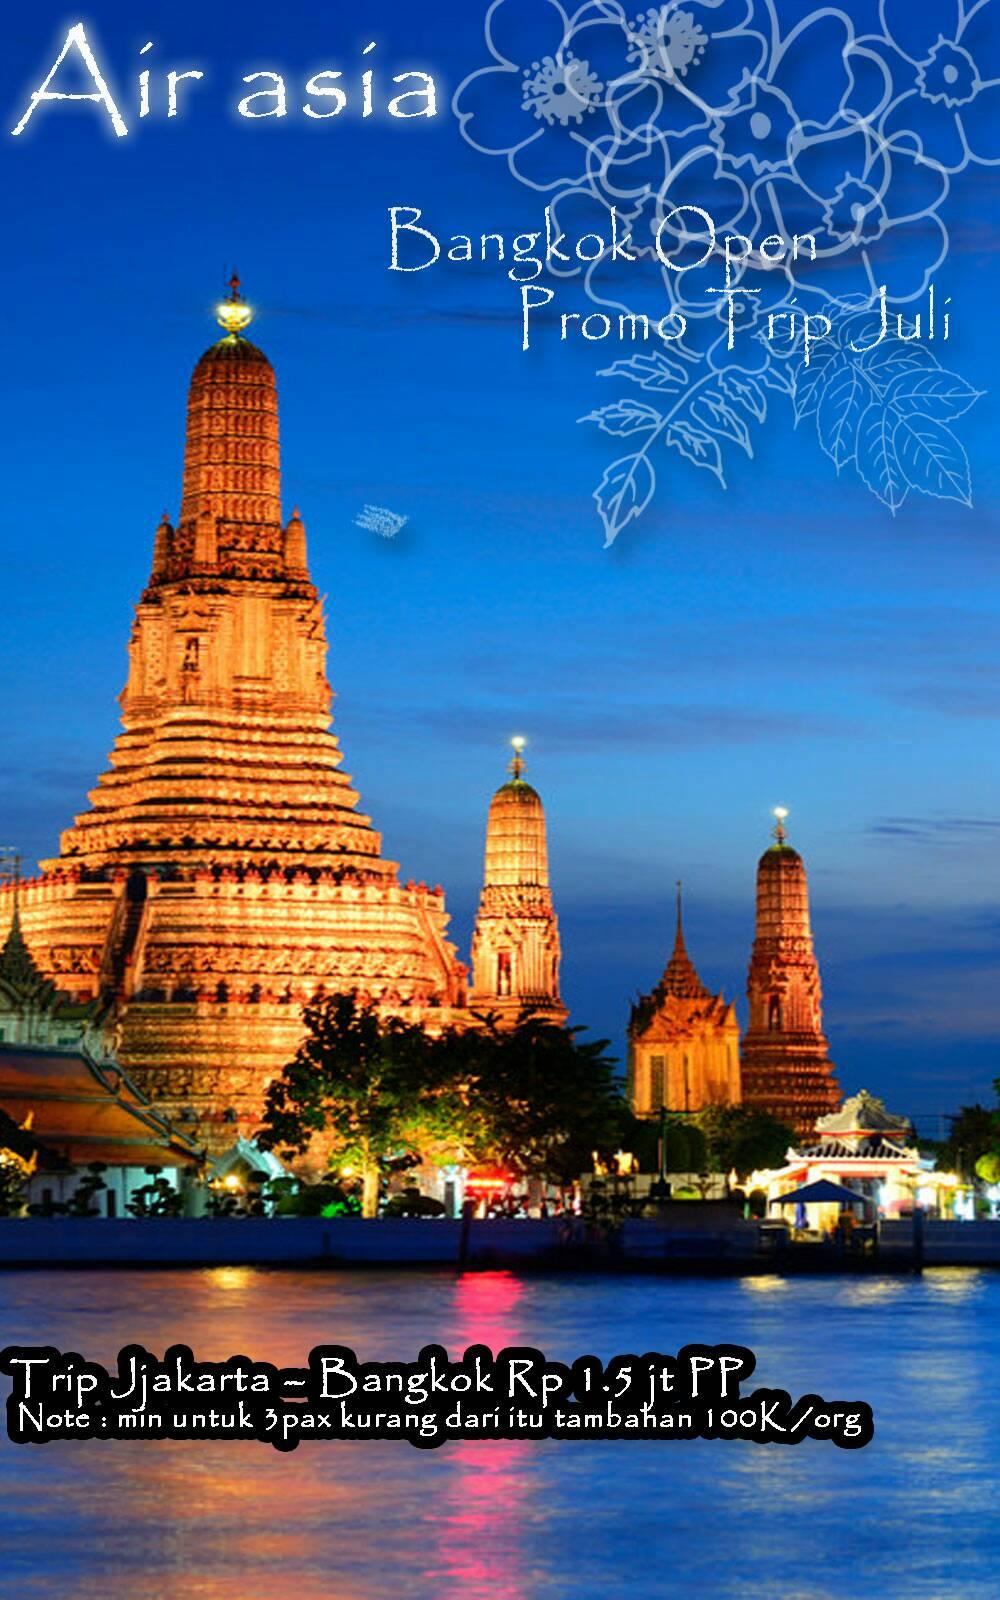 Promo Tiket Pesawat Air Asia Destinasi Bangkok Ka Tour Travel